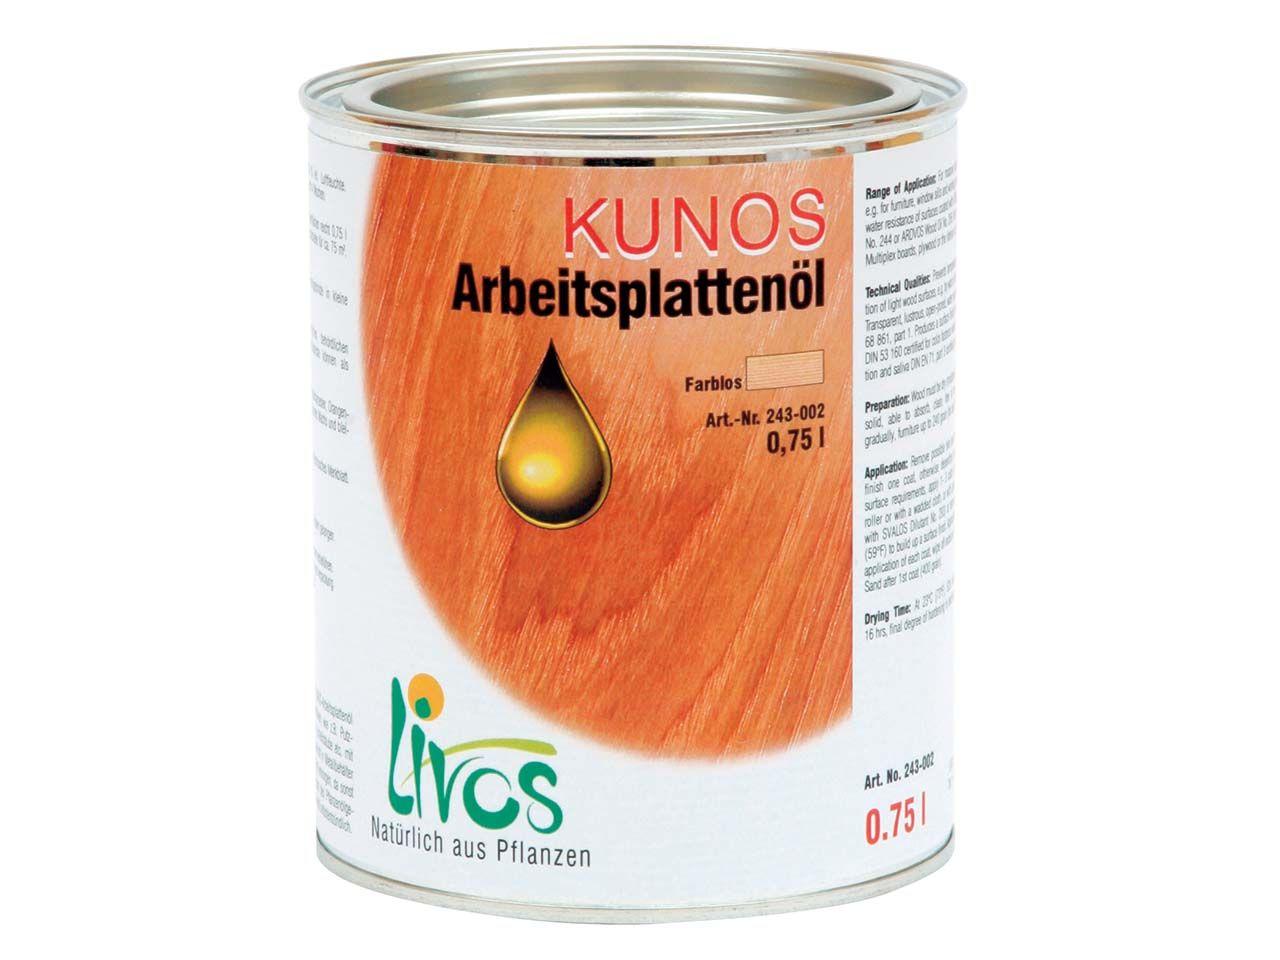 Livos Tisch- und Arbeitsplattenöl 0,75 l